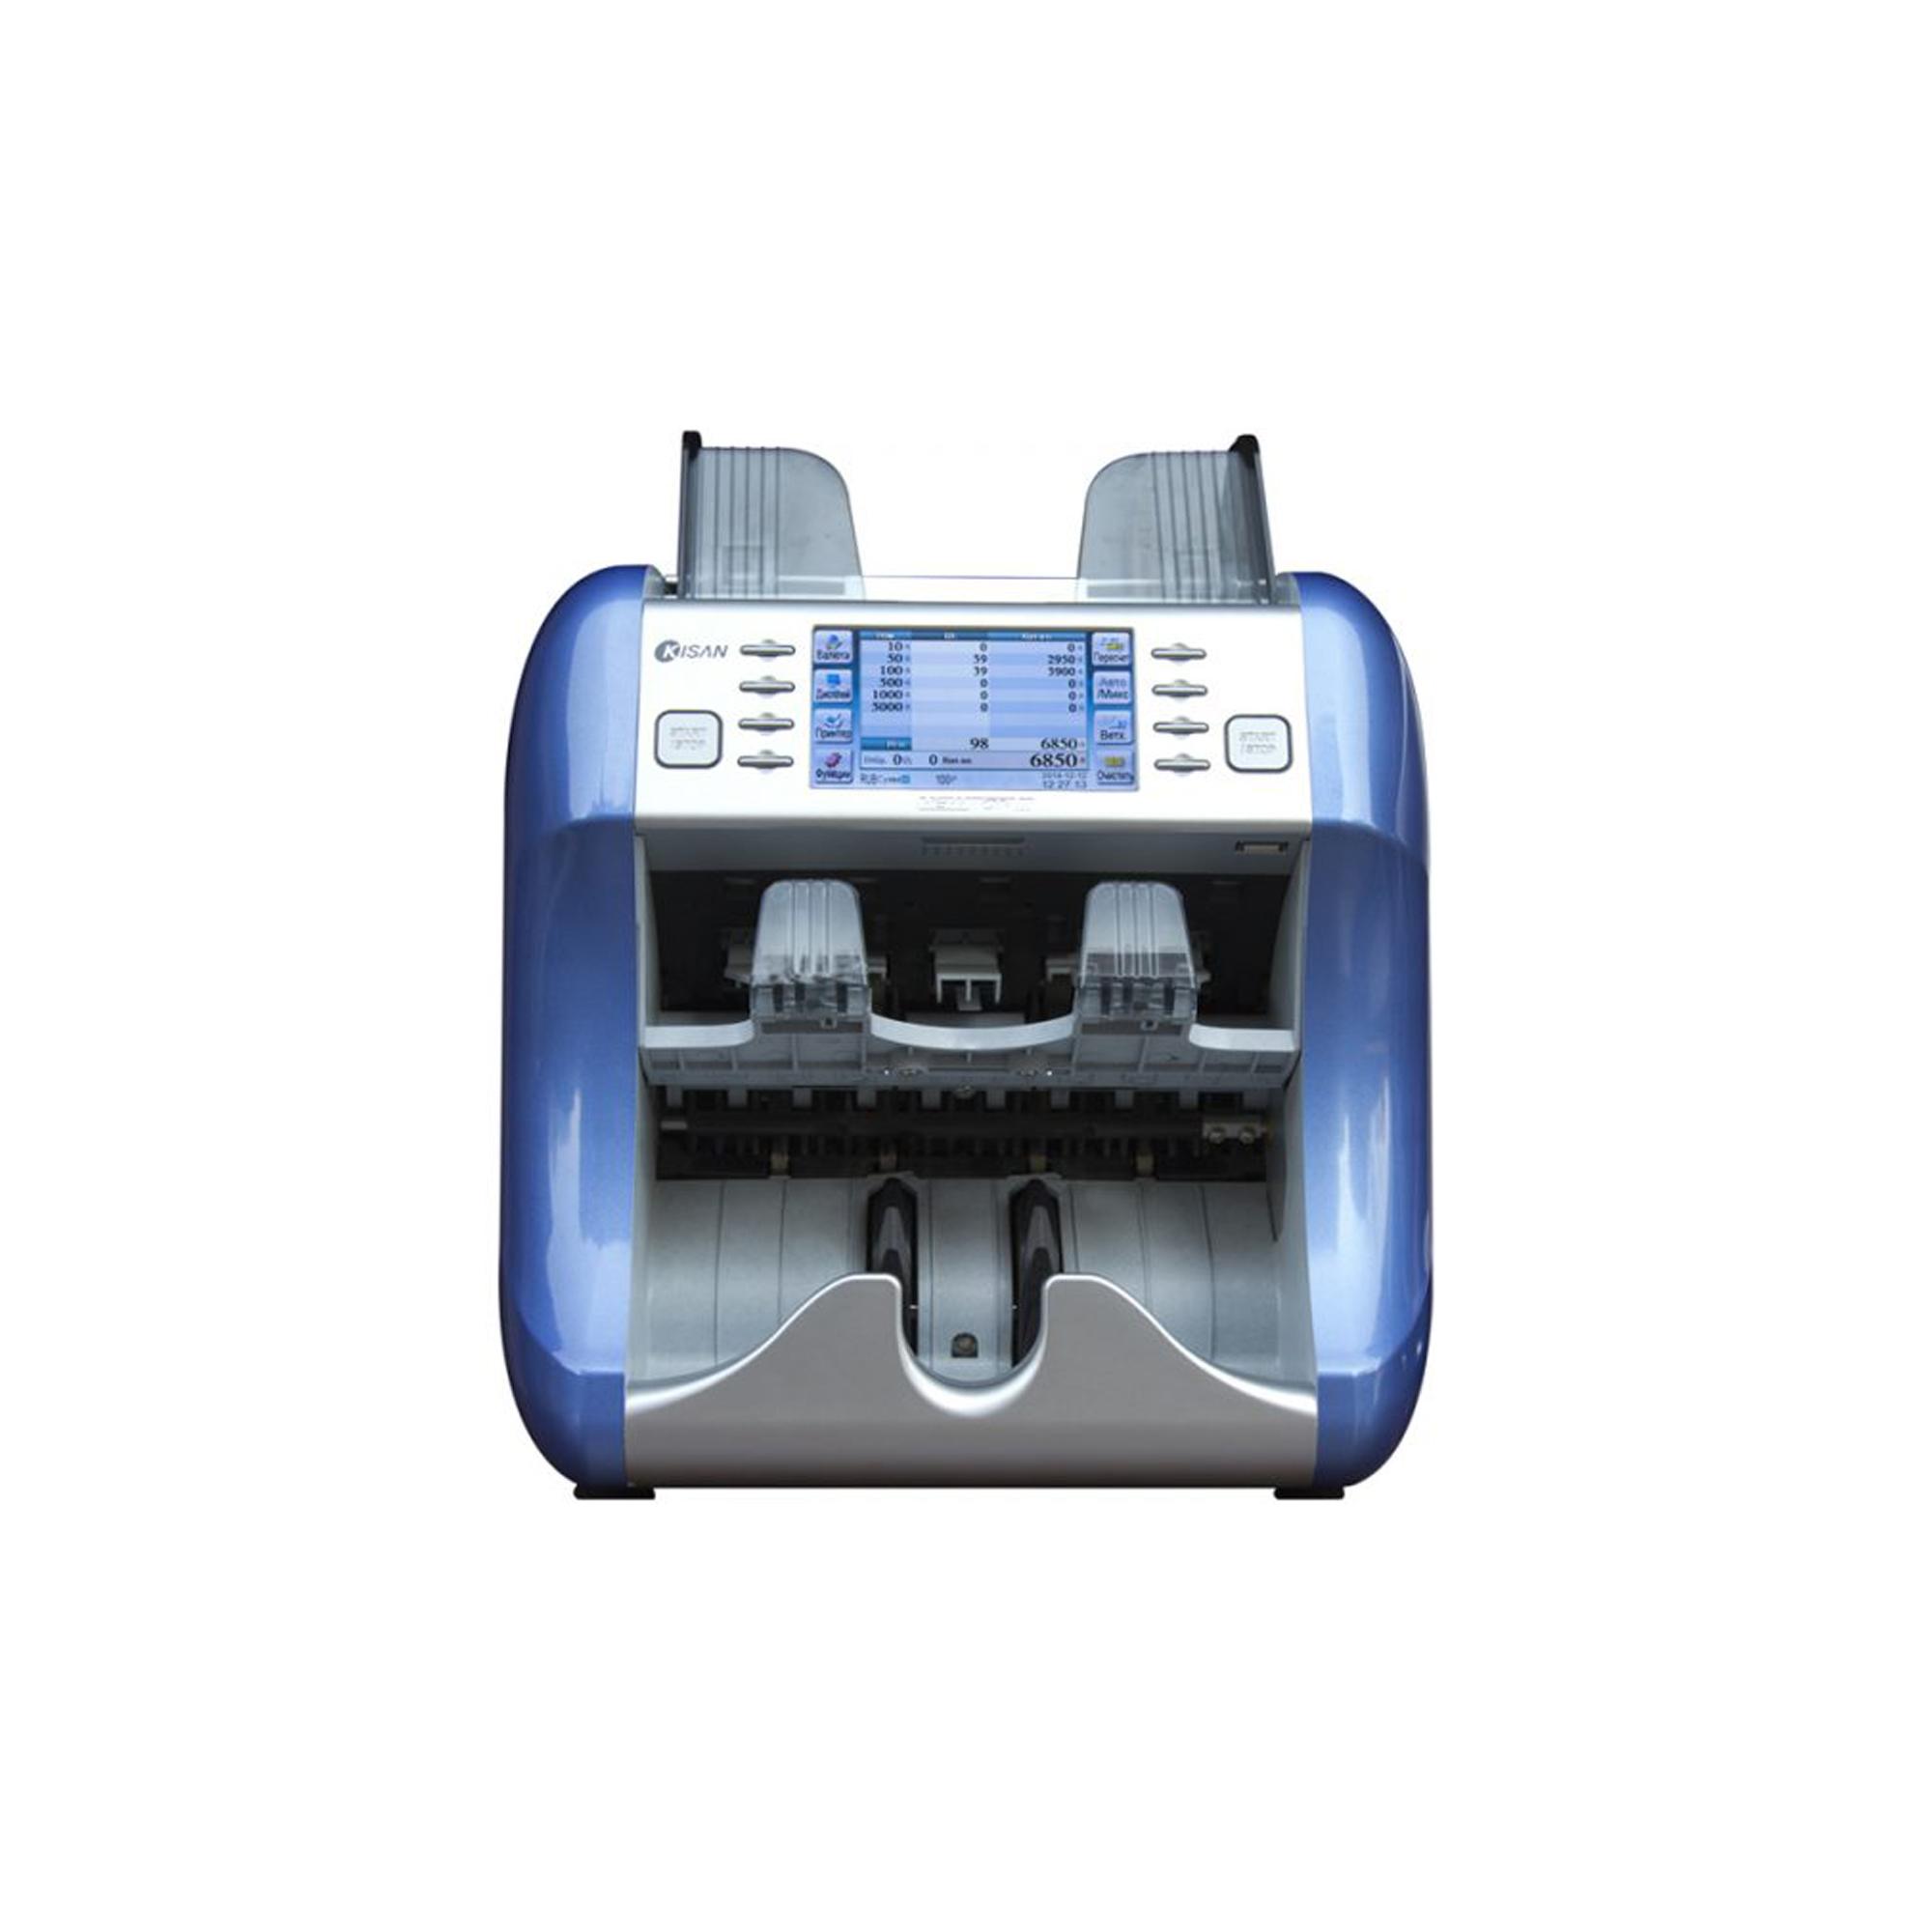 دستگاه تشخیص اصالت اسکناس کیسان مدل NewII